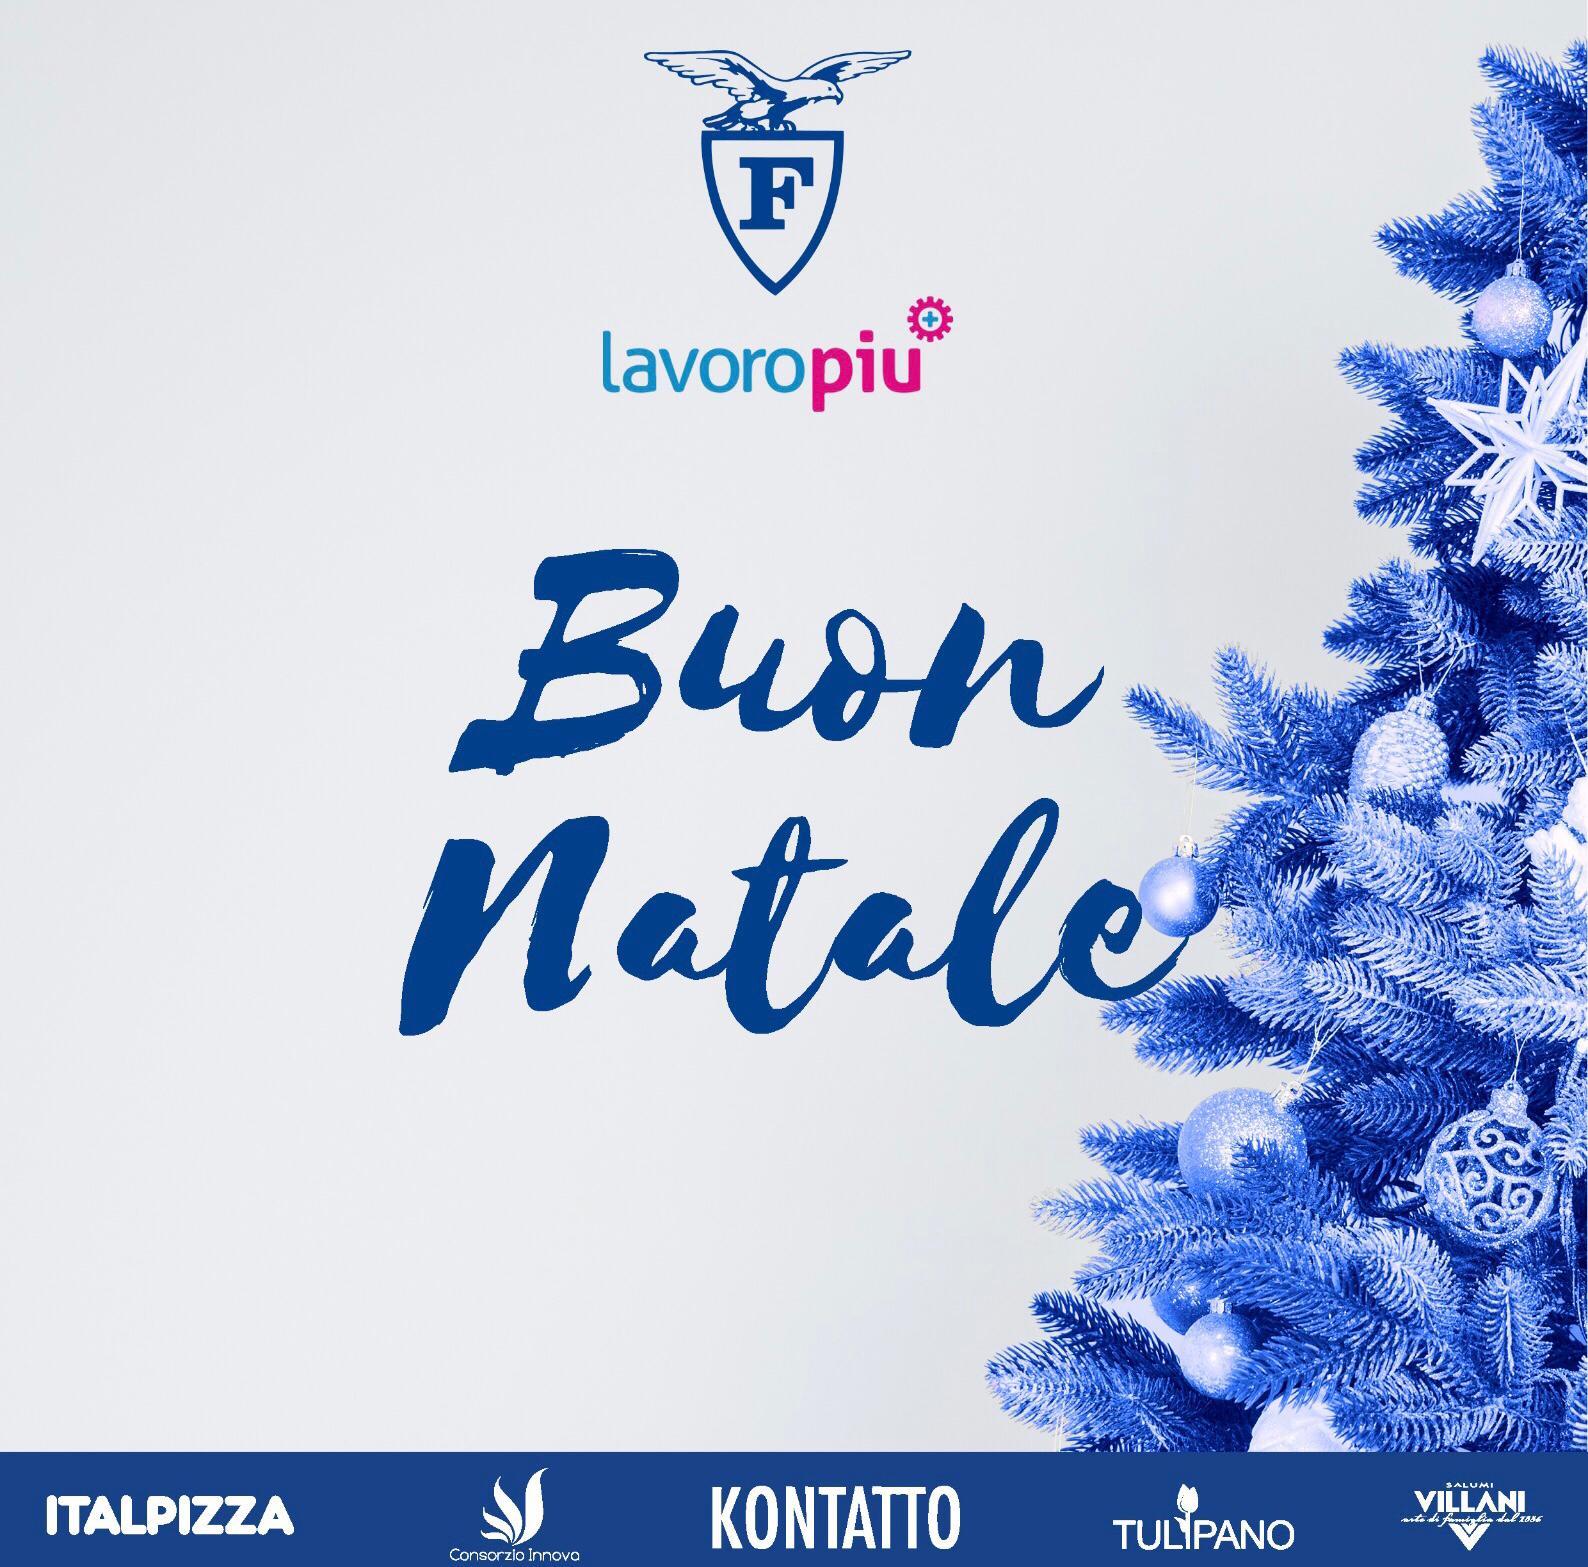 Buon Natale Tutti.25 Dicembre 2018 Buon Natale A Tutti Voi Fortitudo